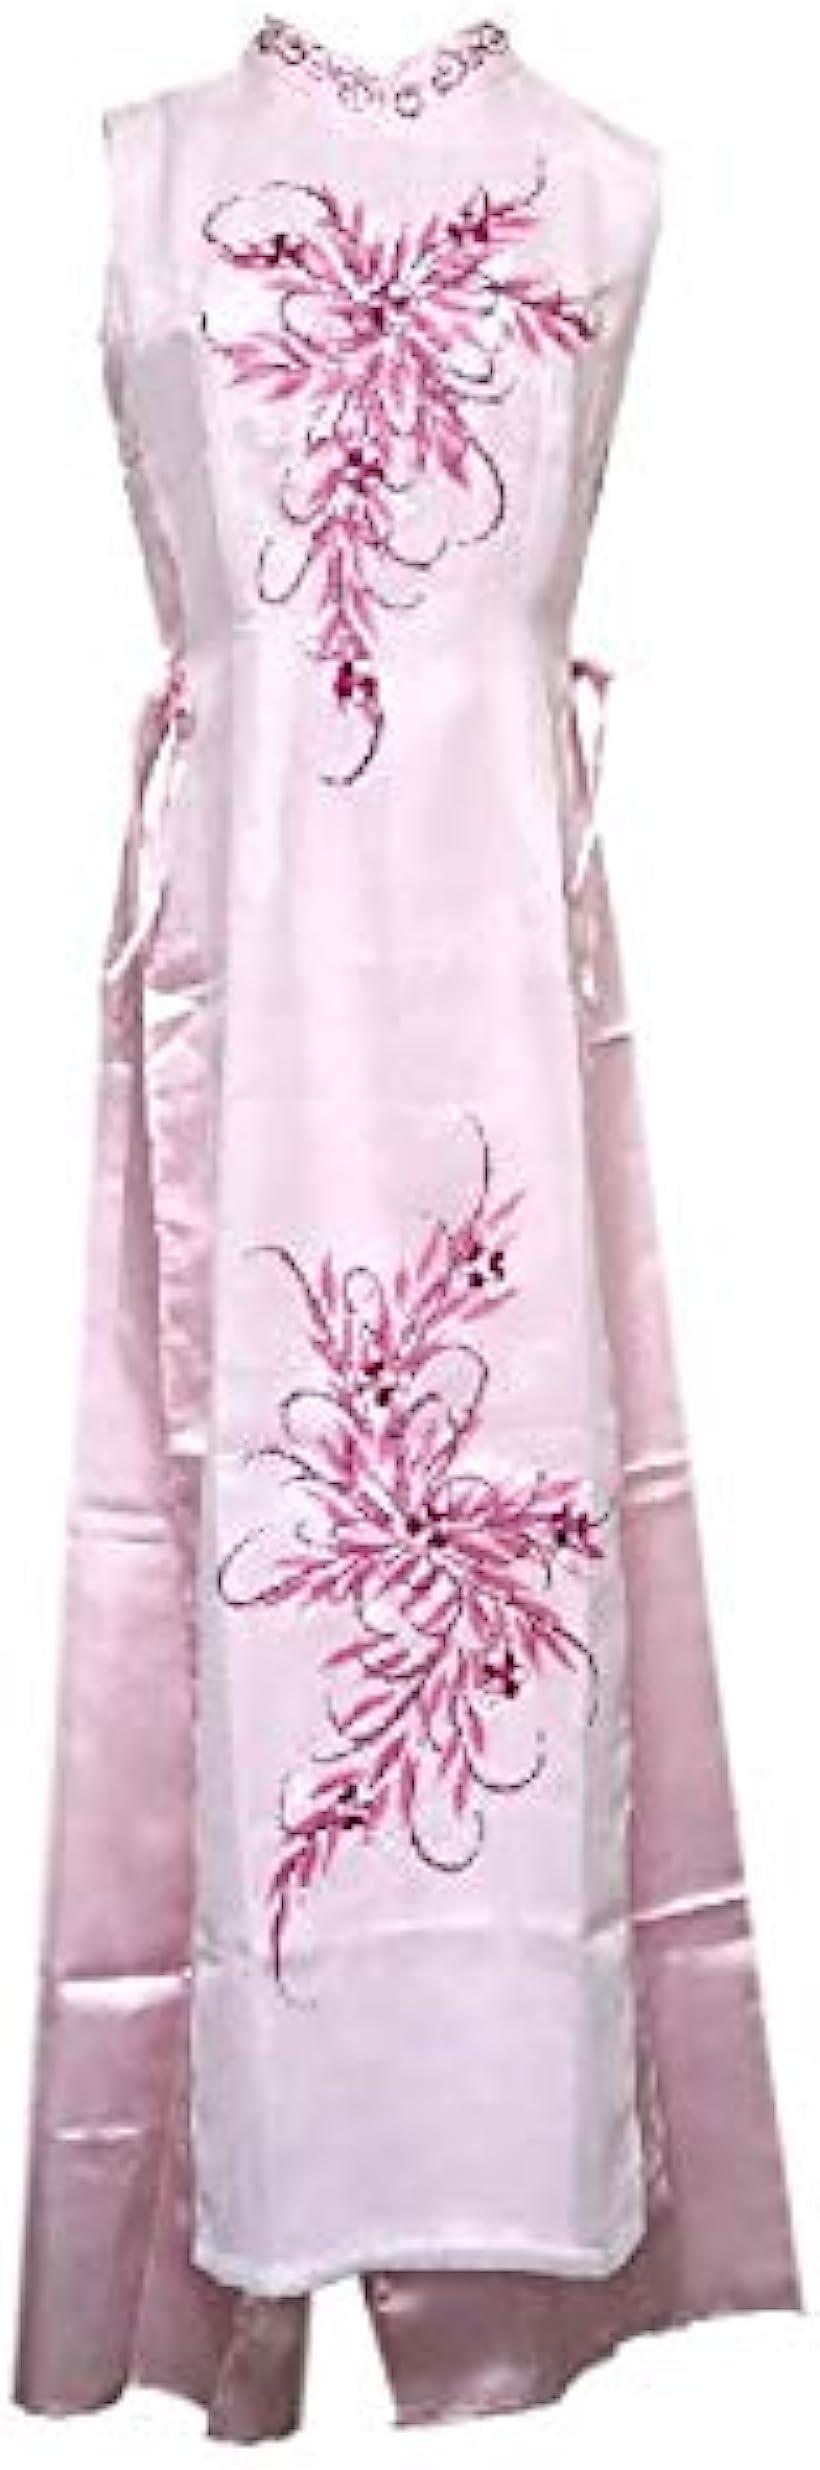 ベトナム 民族 衣装 アオザイ 襟付き 袖なし レディース パンツ(ピンク, XL)